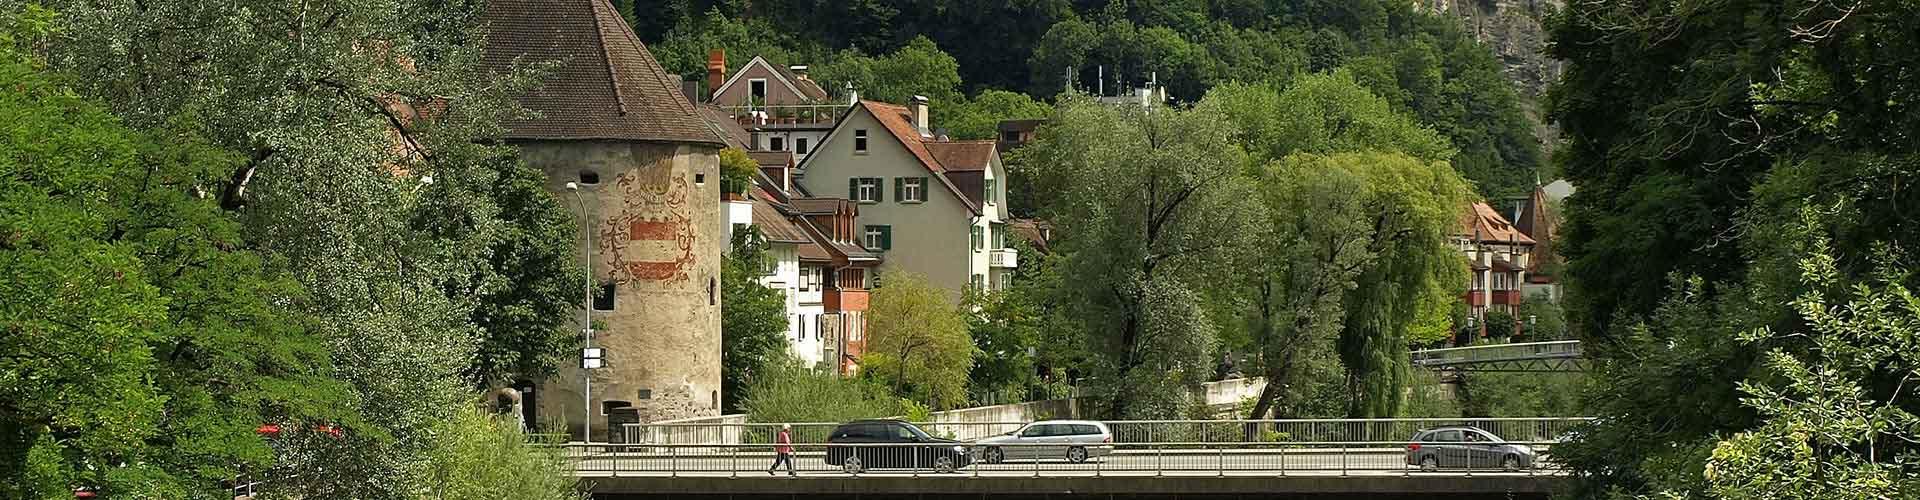 Feldkirch - Camping à Feldkirch. Cartes pour Feldkirch, photos et commentaires pour chaque Camping à Feldkirch.